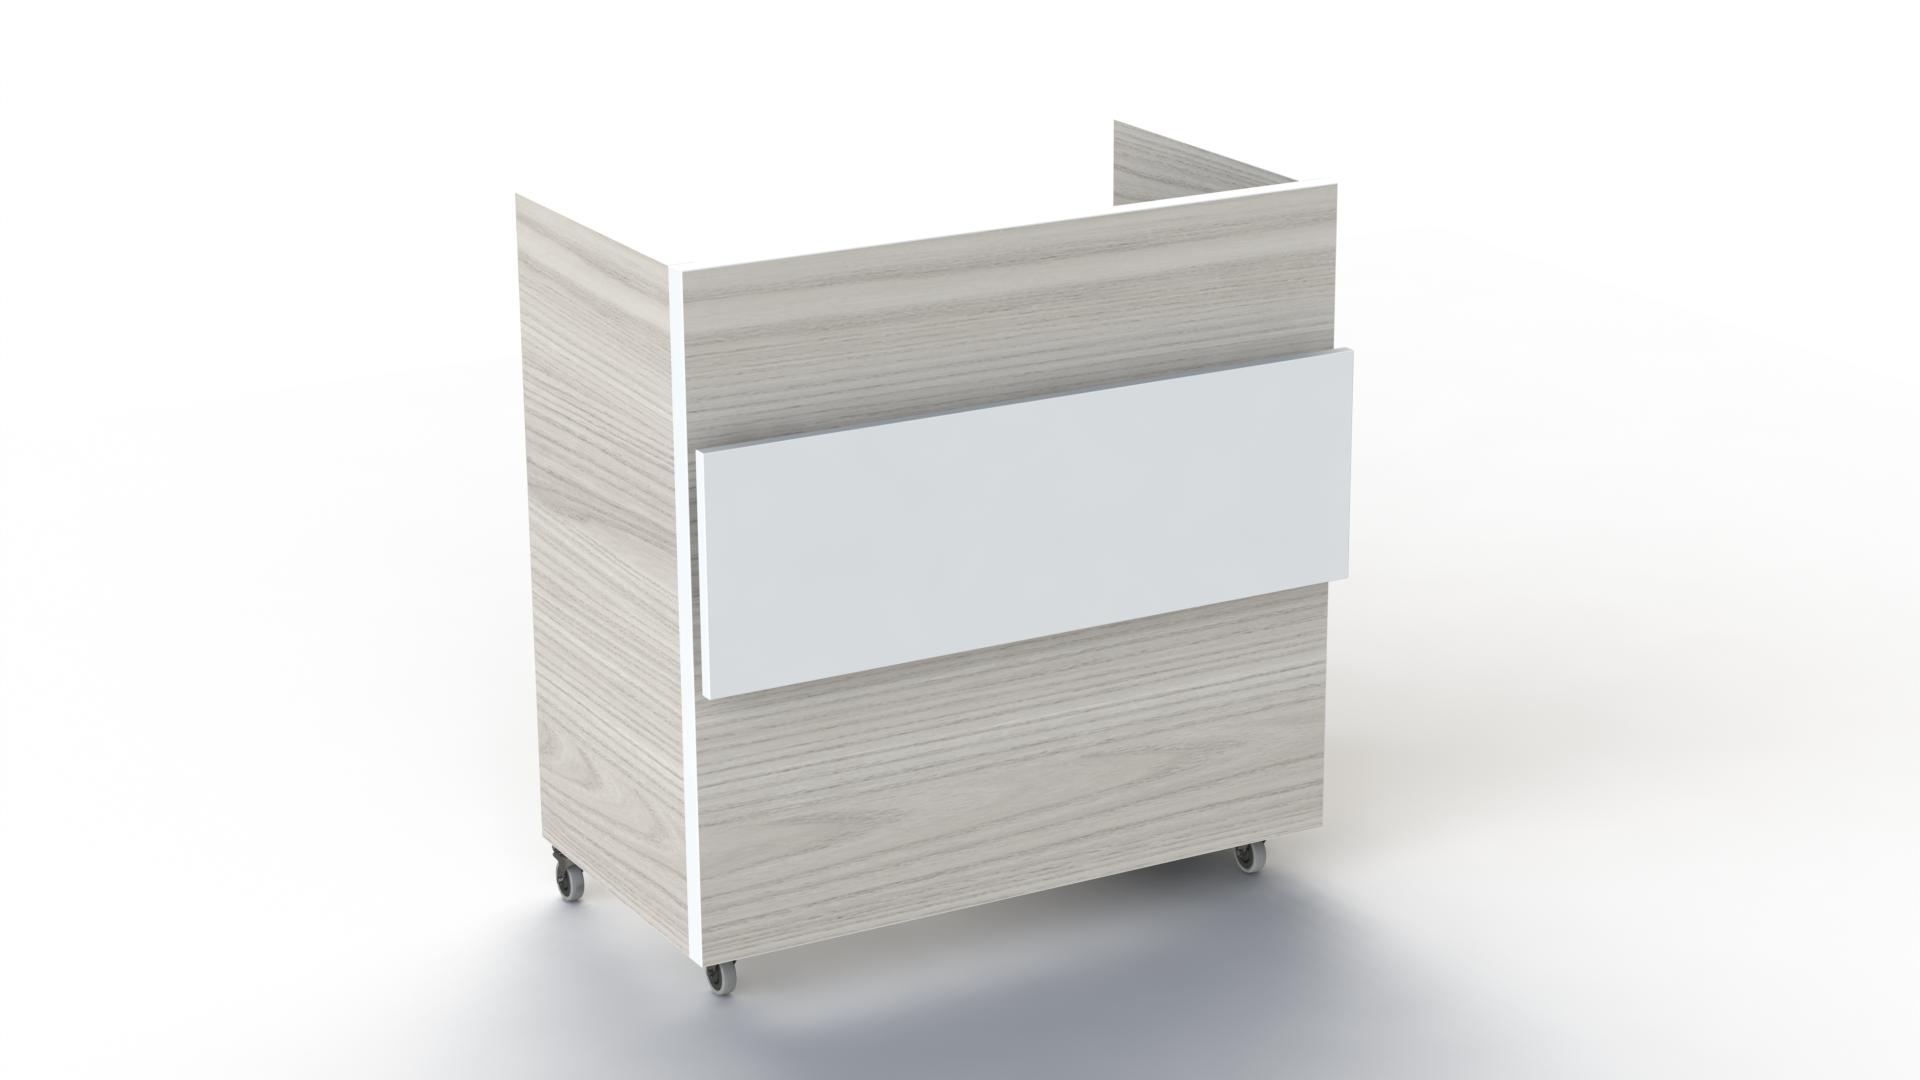 Fused / Shelf Folded